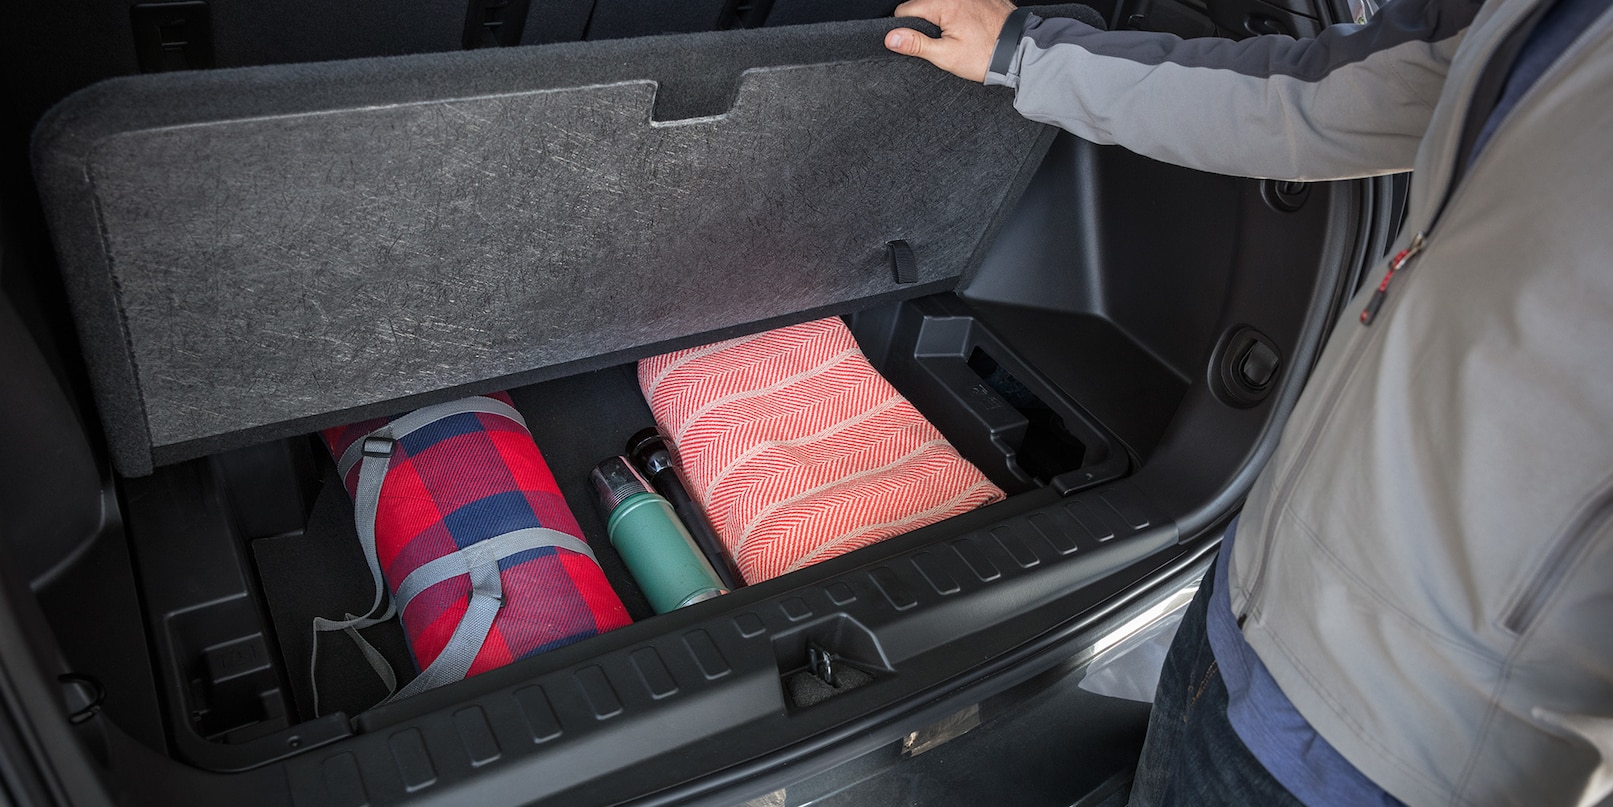 Mantén tus cosas organizadas con el compartimiento oculto de la Chevy  Equinox.